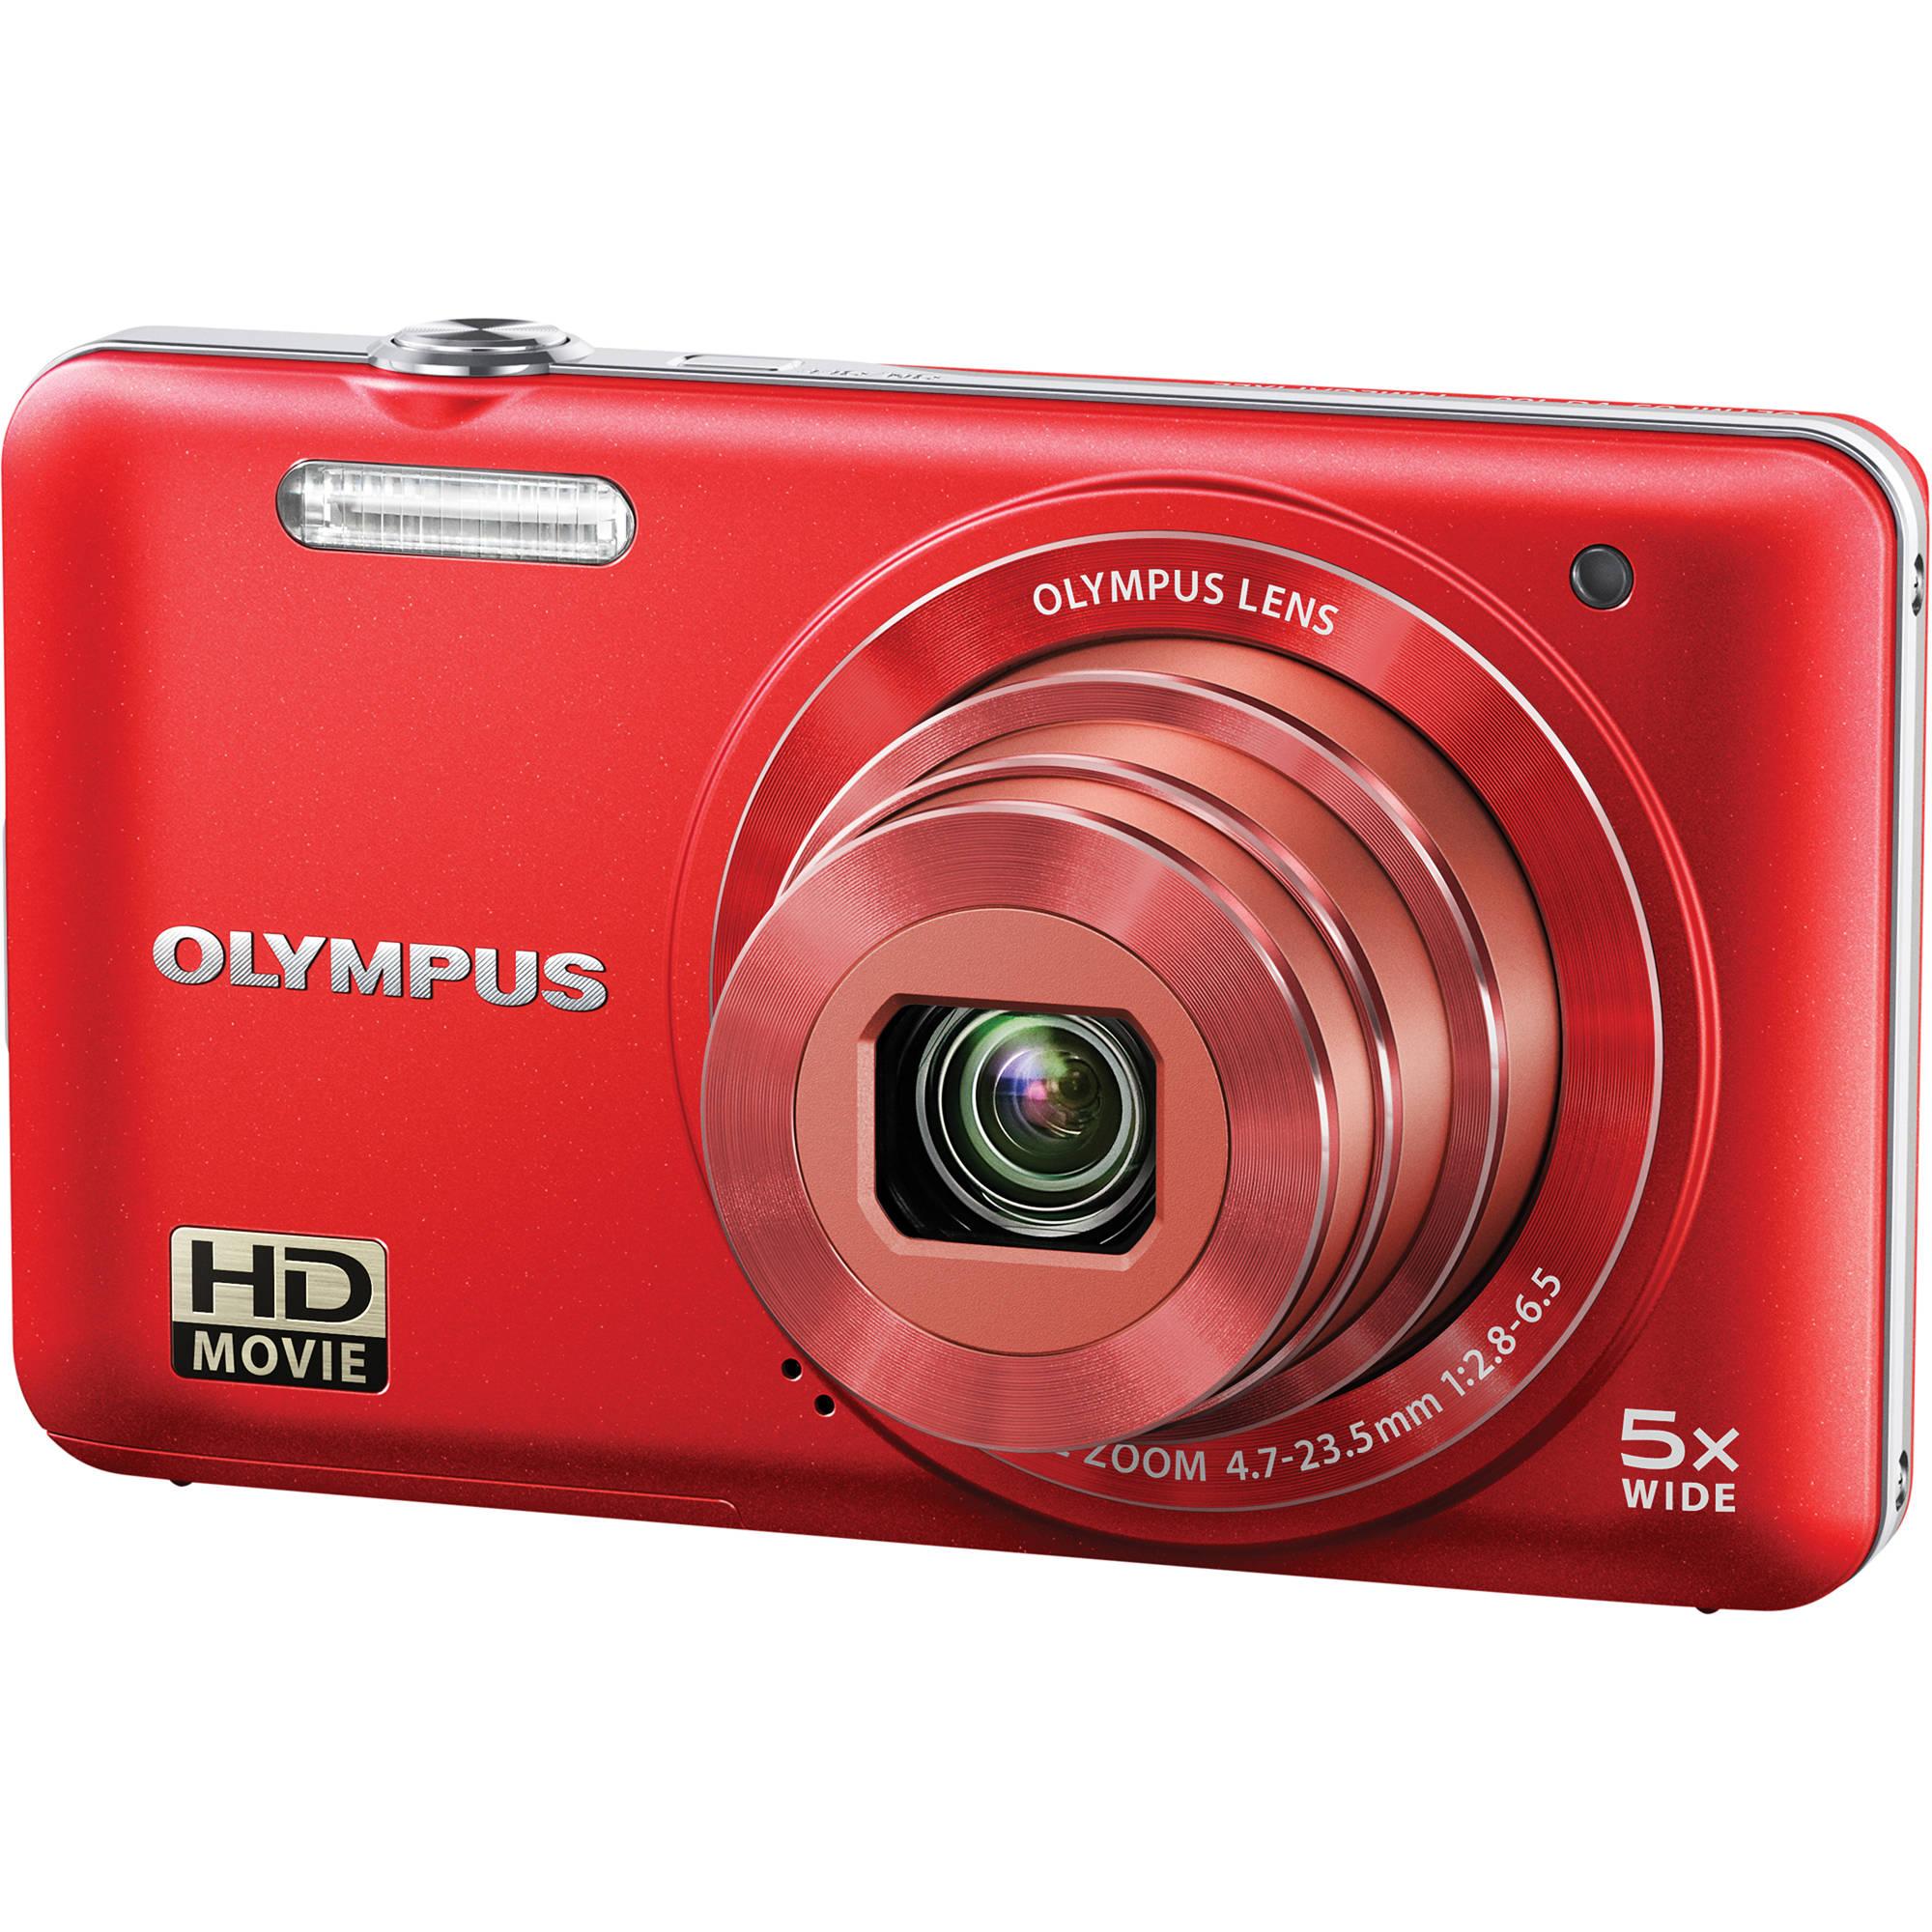 Olympus Digital Camera: Olympus VG-160 Digital Camera (Red) V106050RU000 B&H Photo